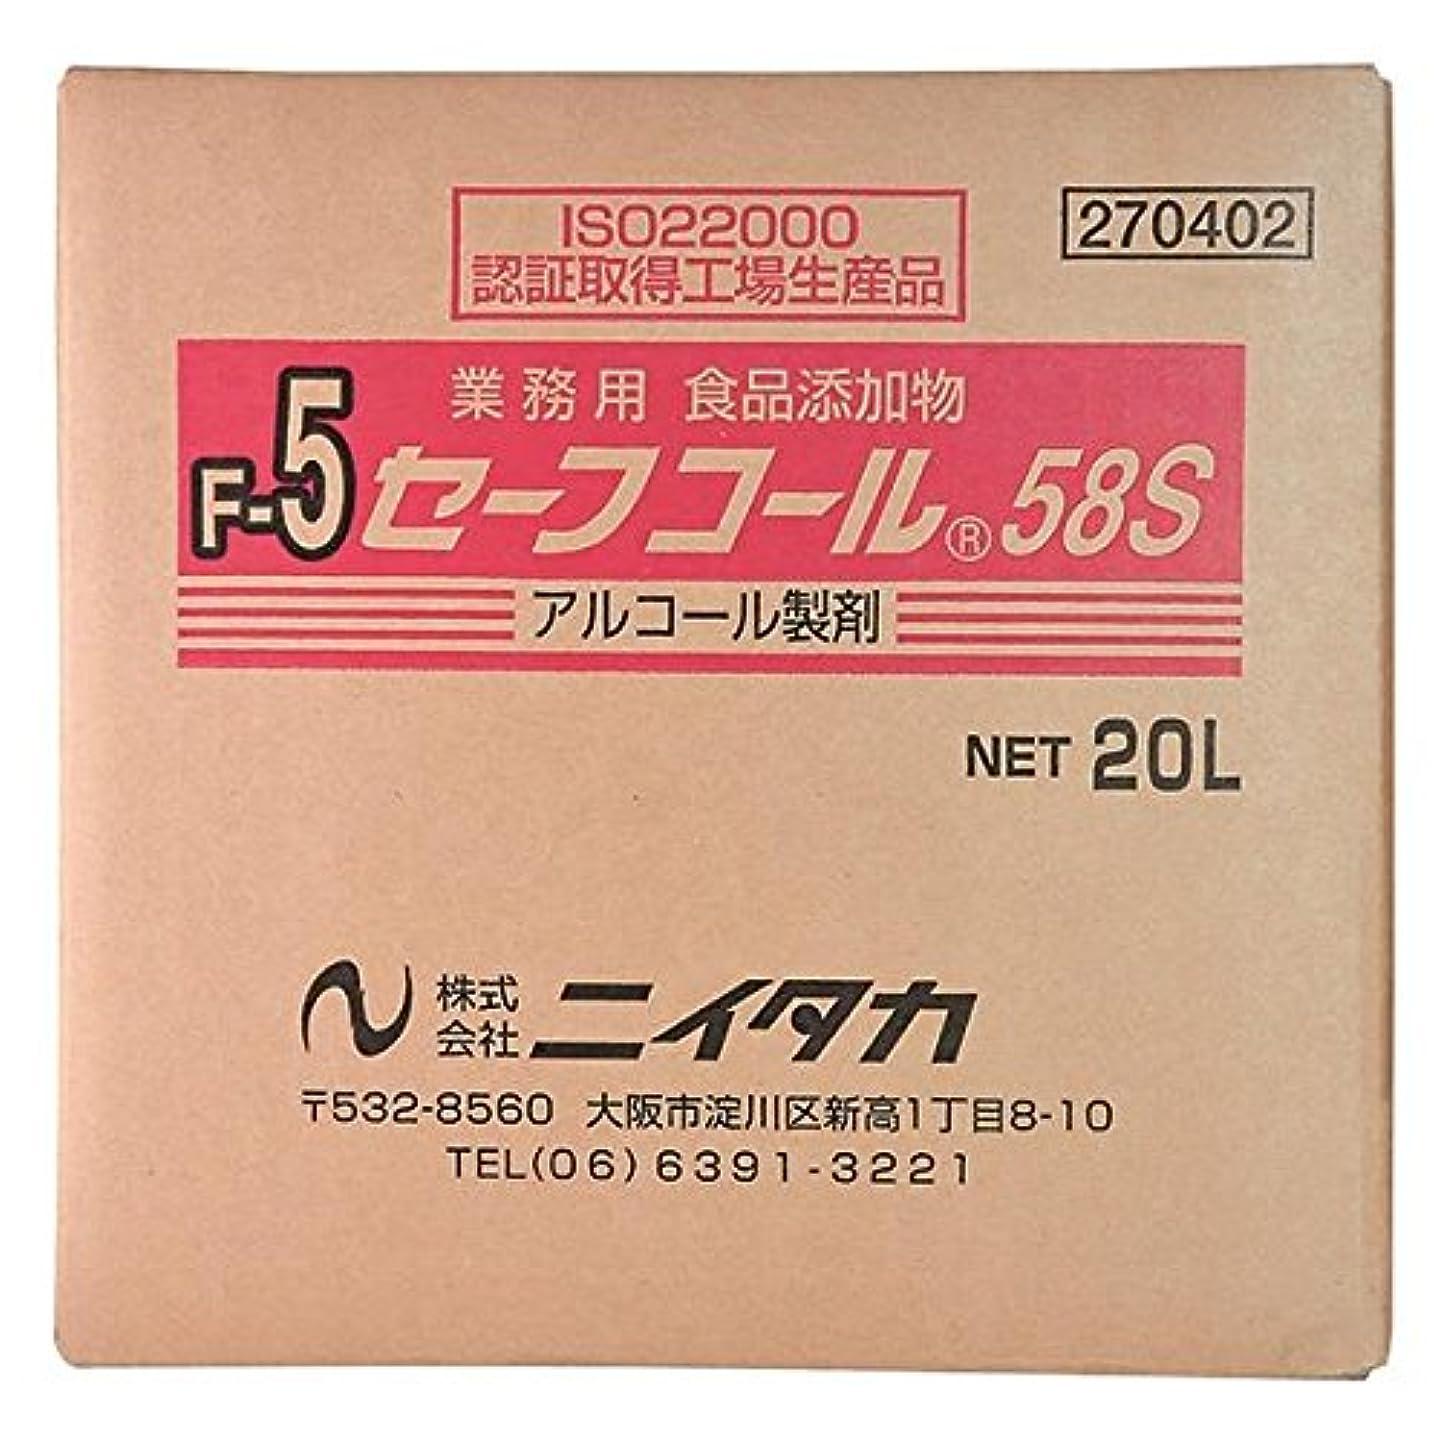 乱れドア衛星ニイタカ:セーフコール58S(F-5) 20L(BIB) 270402